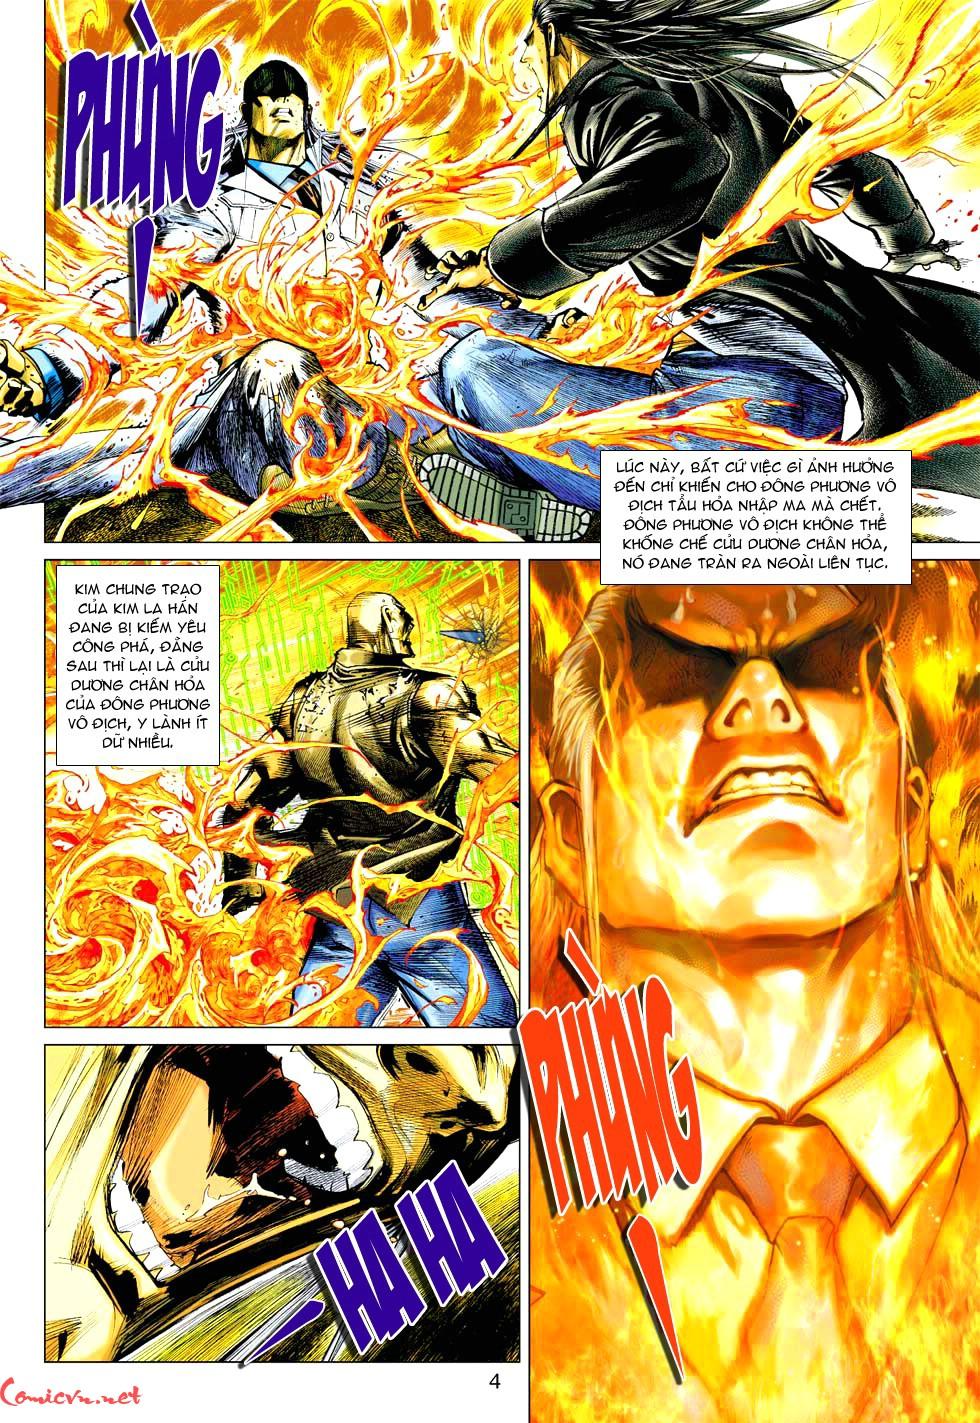 Vương Phong Lôi 1 chap 37 - Trang 24